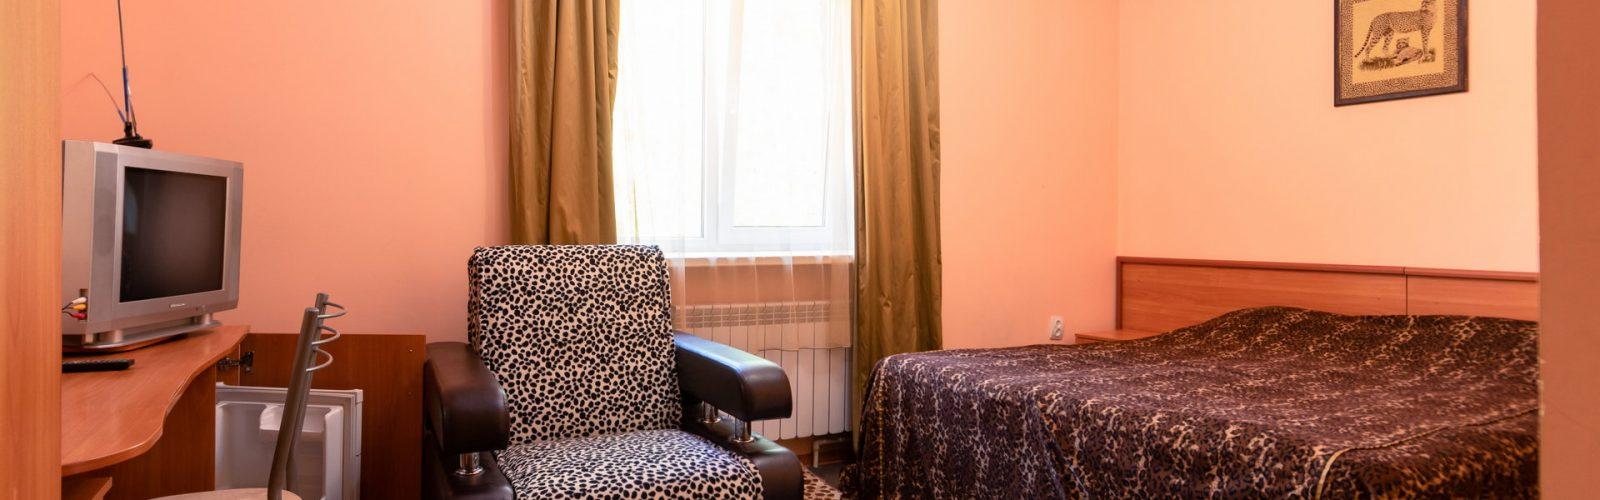 """Двухместный стандарт """"Комфорт"""" +кресло-кровать"""